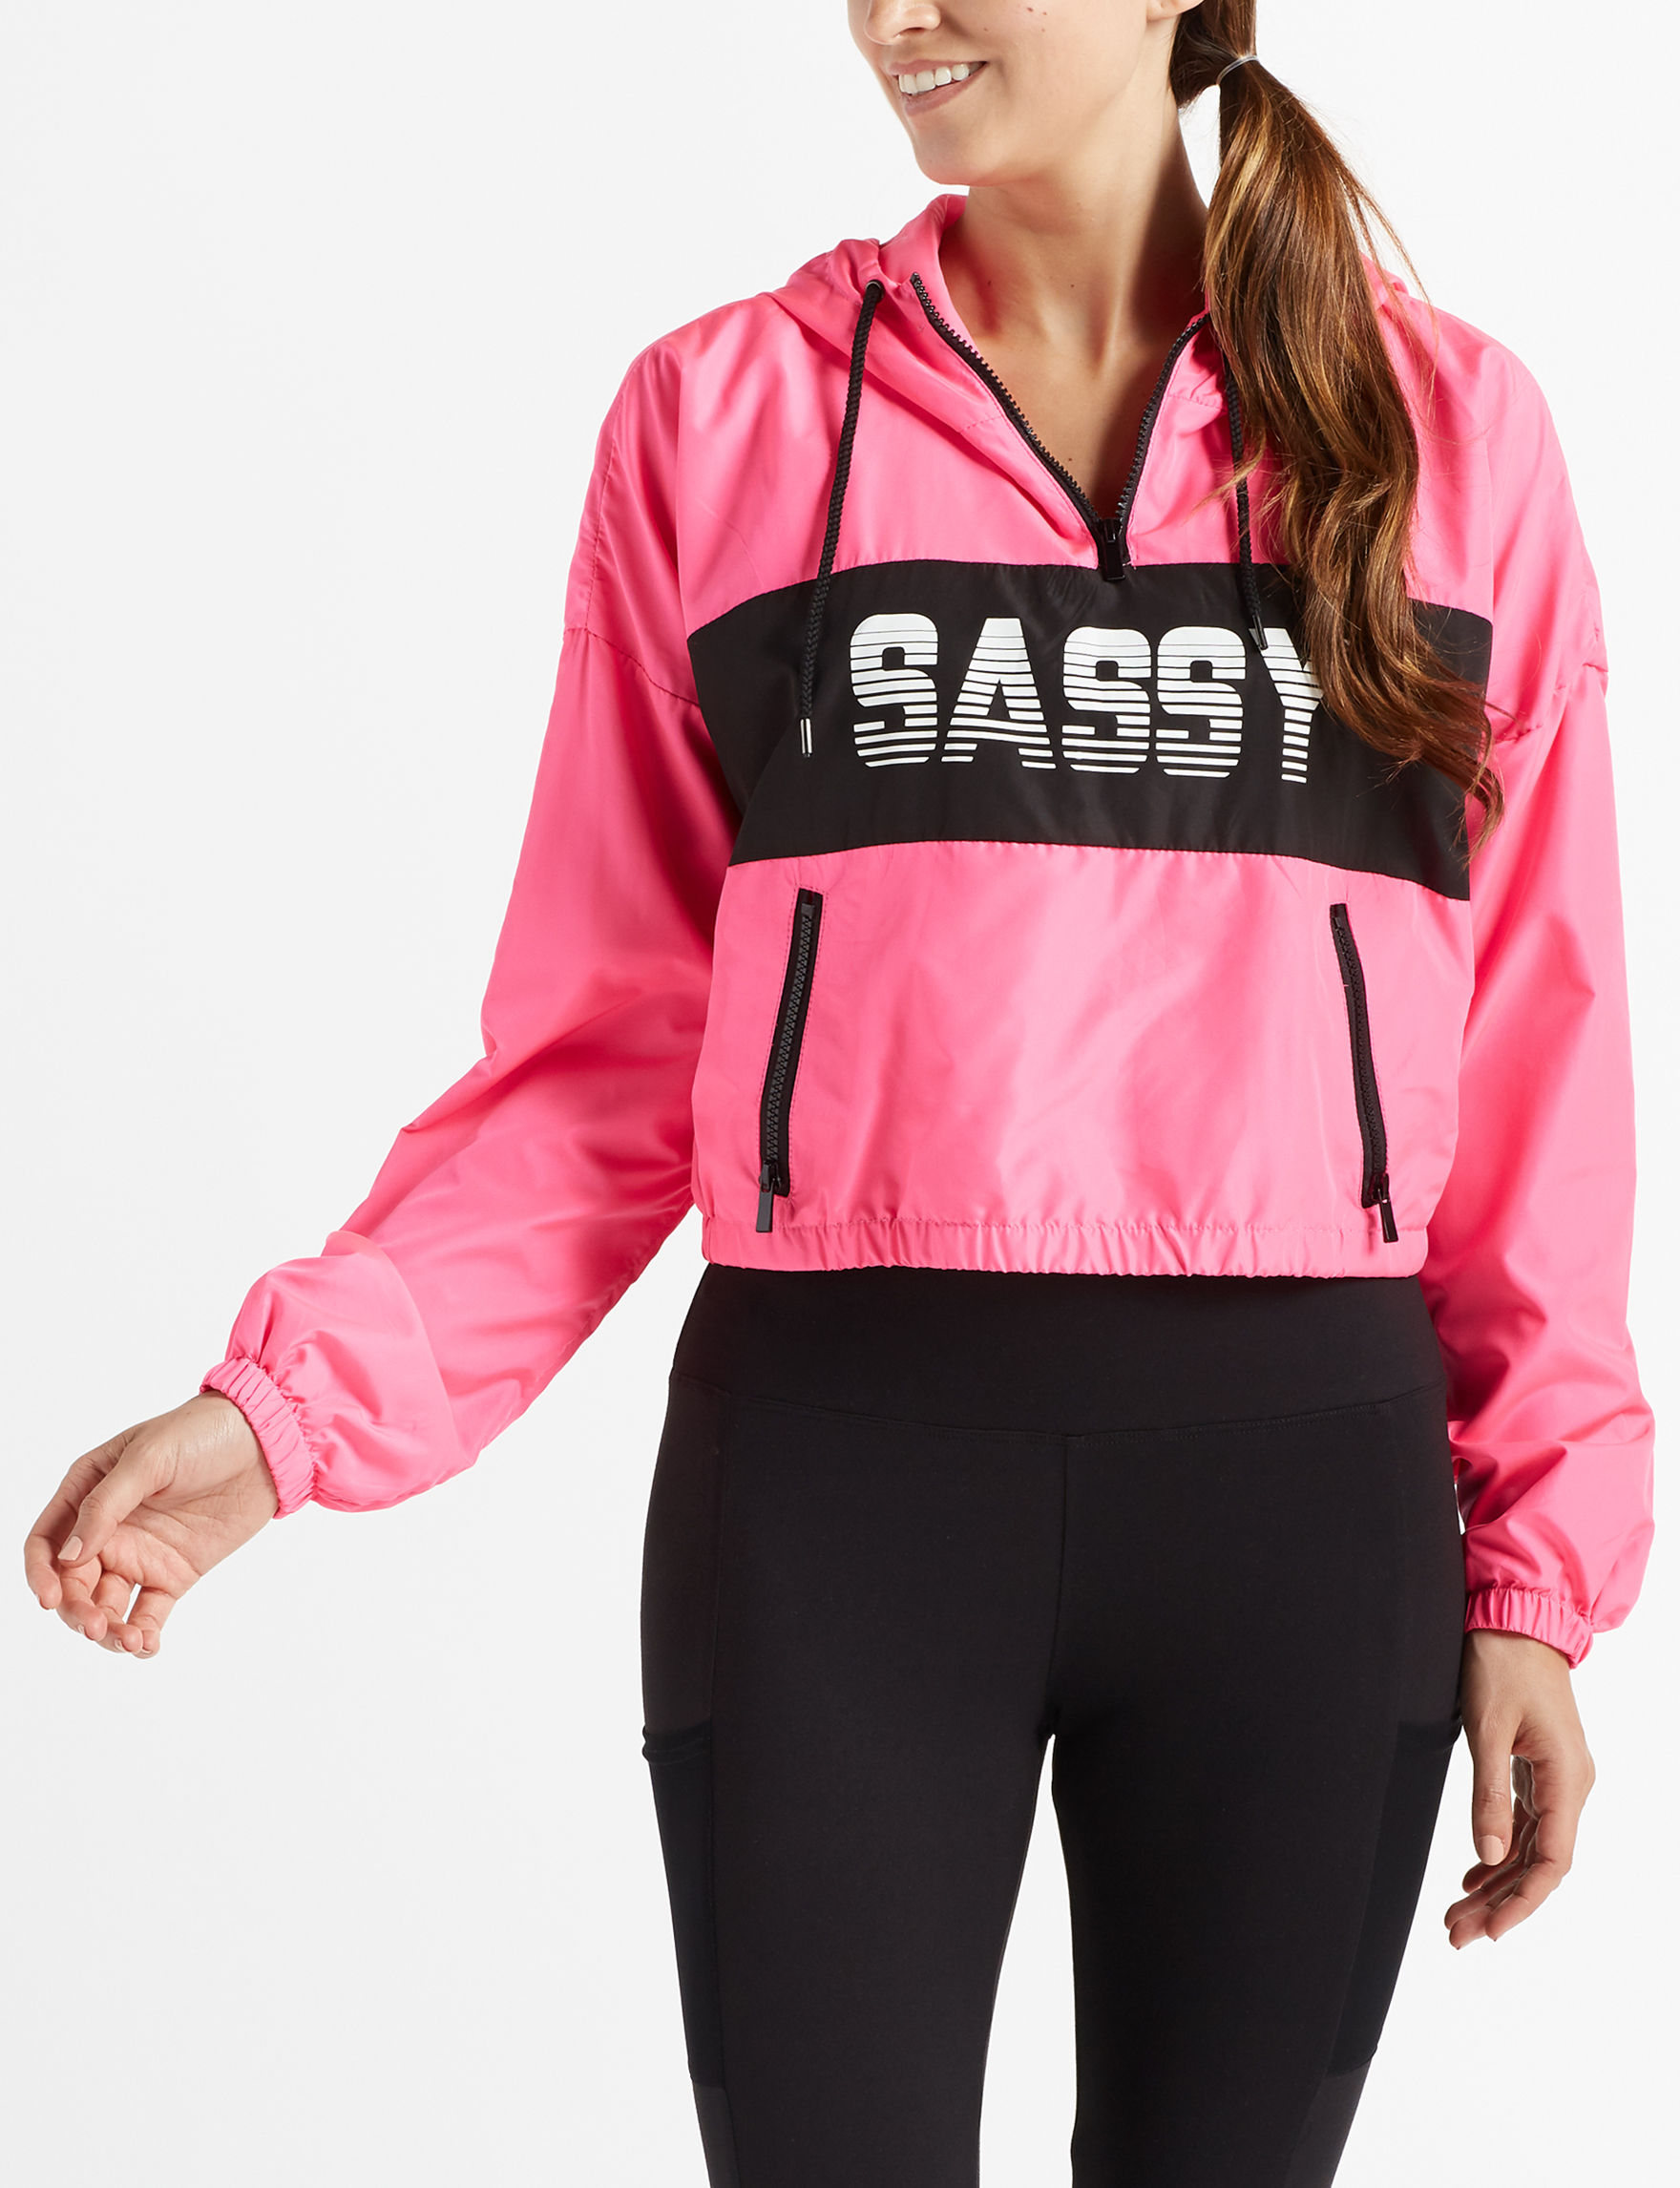 Justify Pink Lightweight Jackets & Blazers